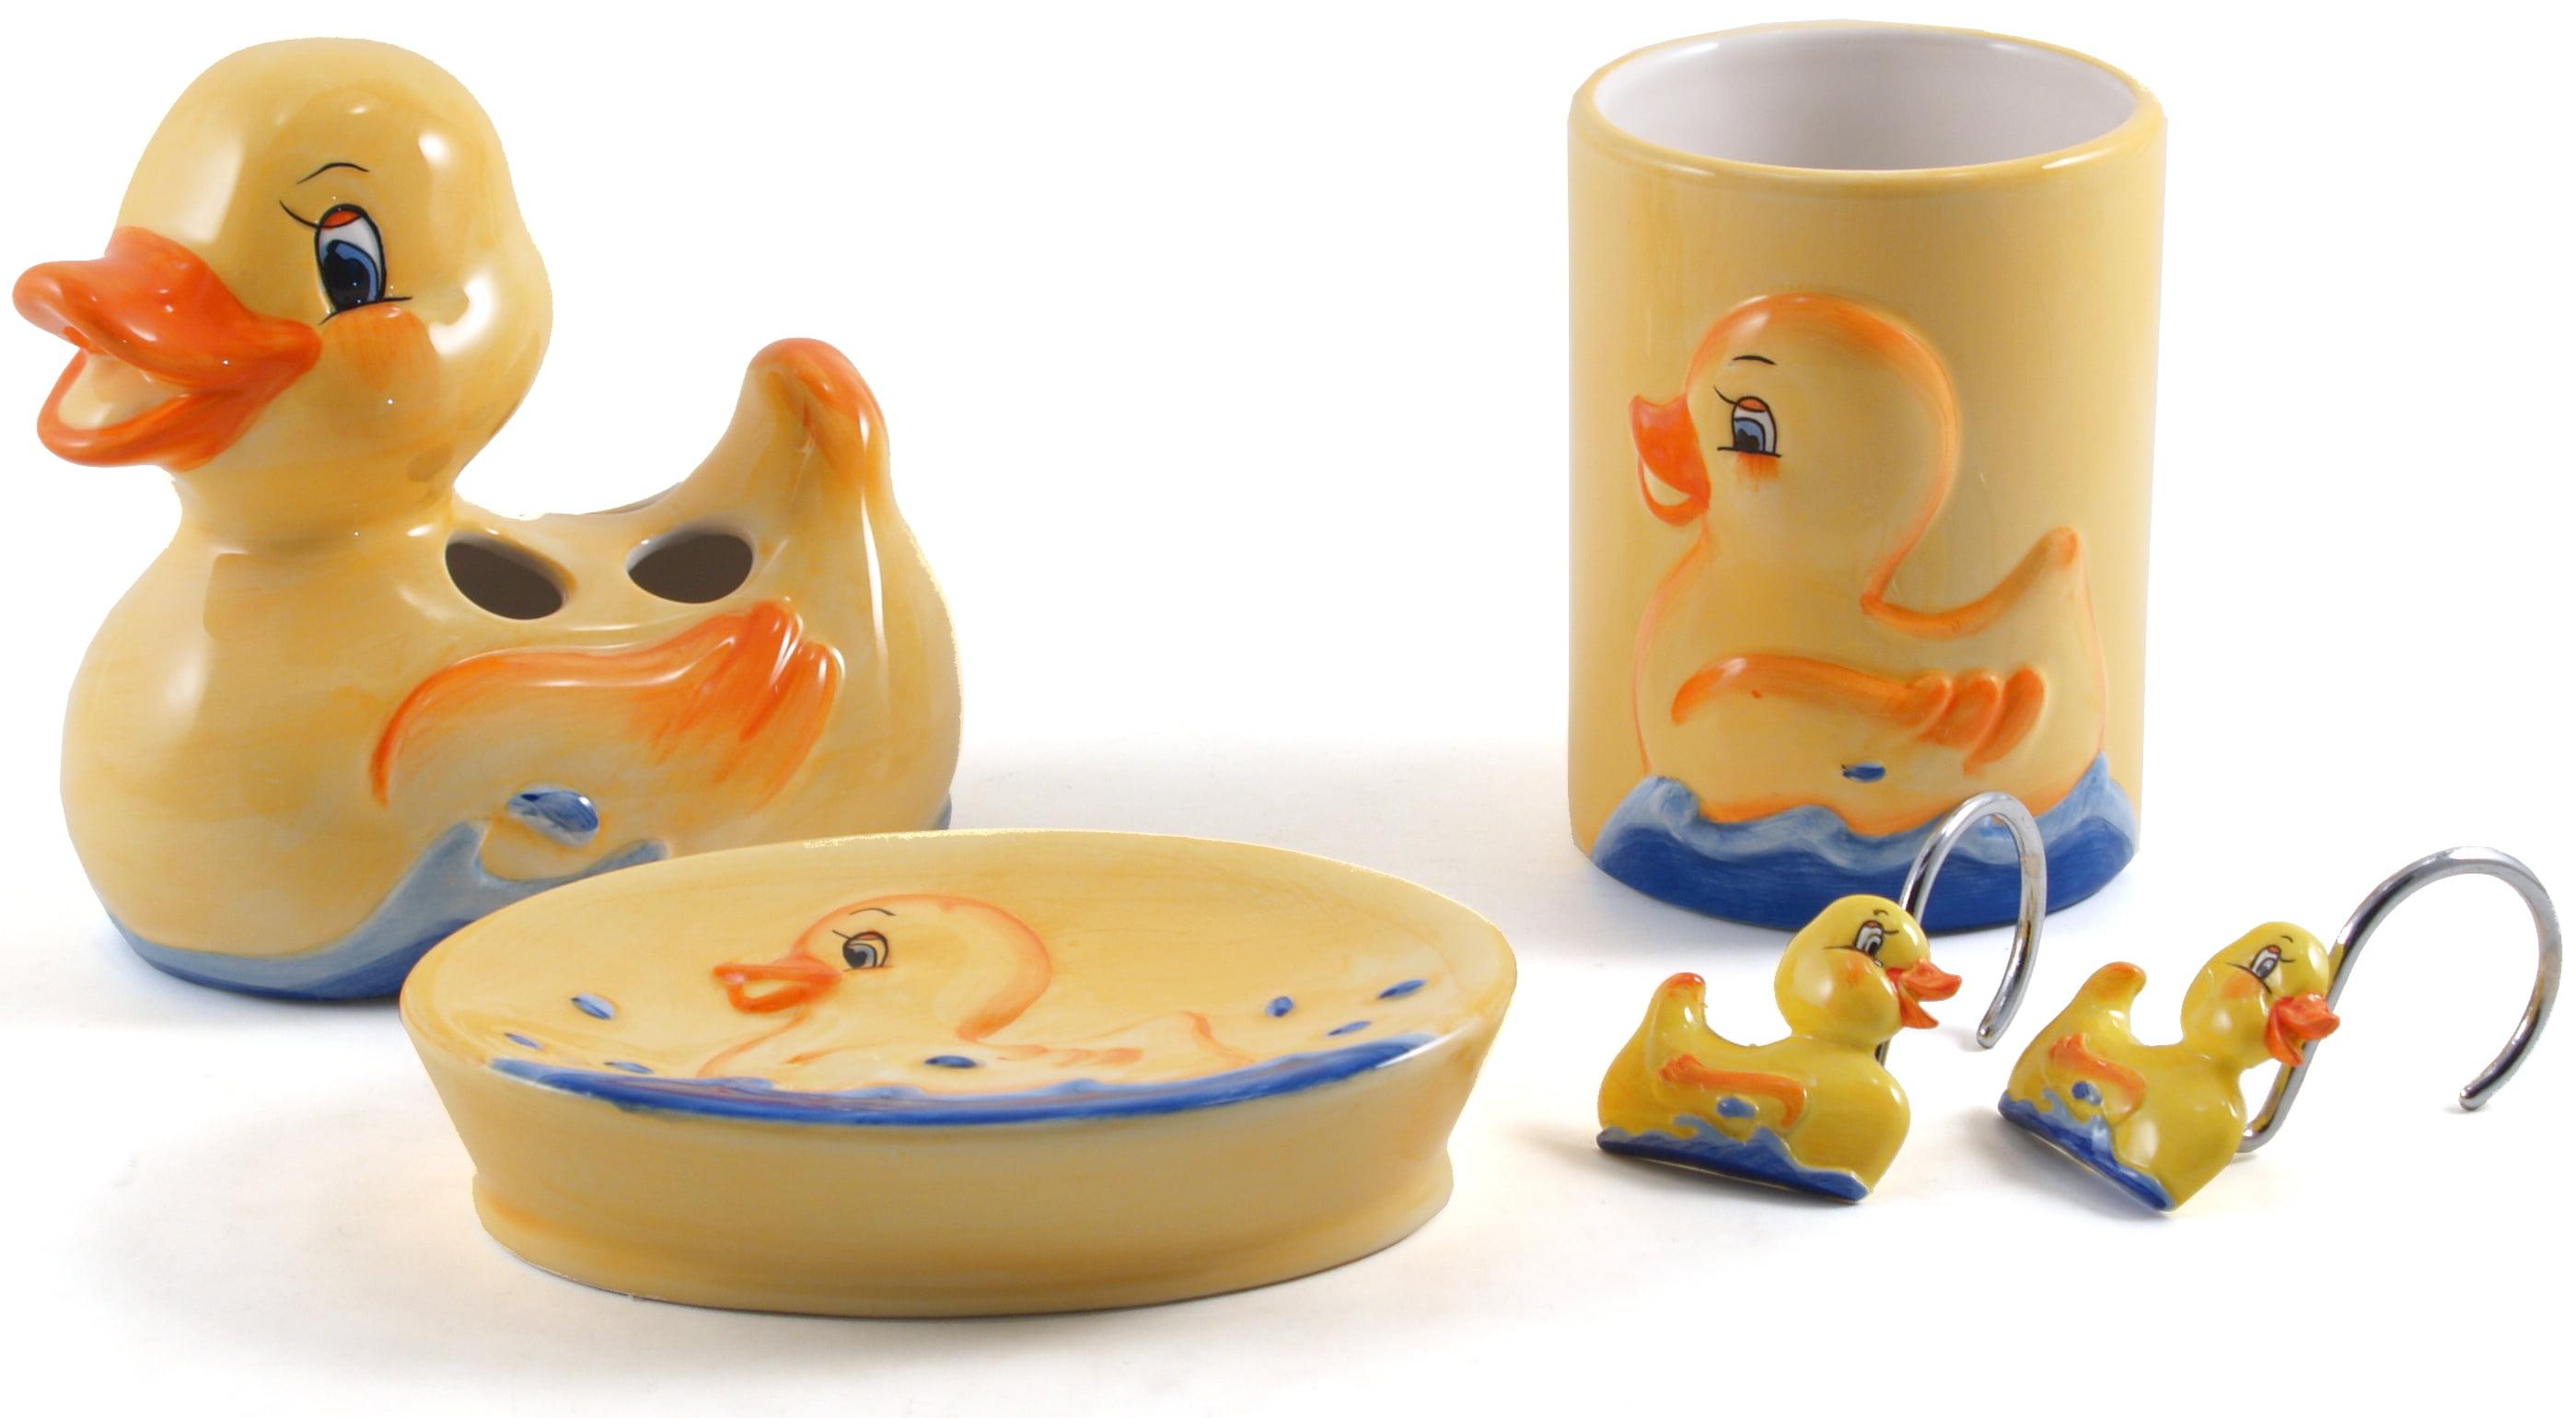 Rubber Ducky Ceramic Bathroom Accessory 12 Piece Set - Walmart.com